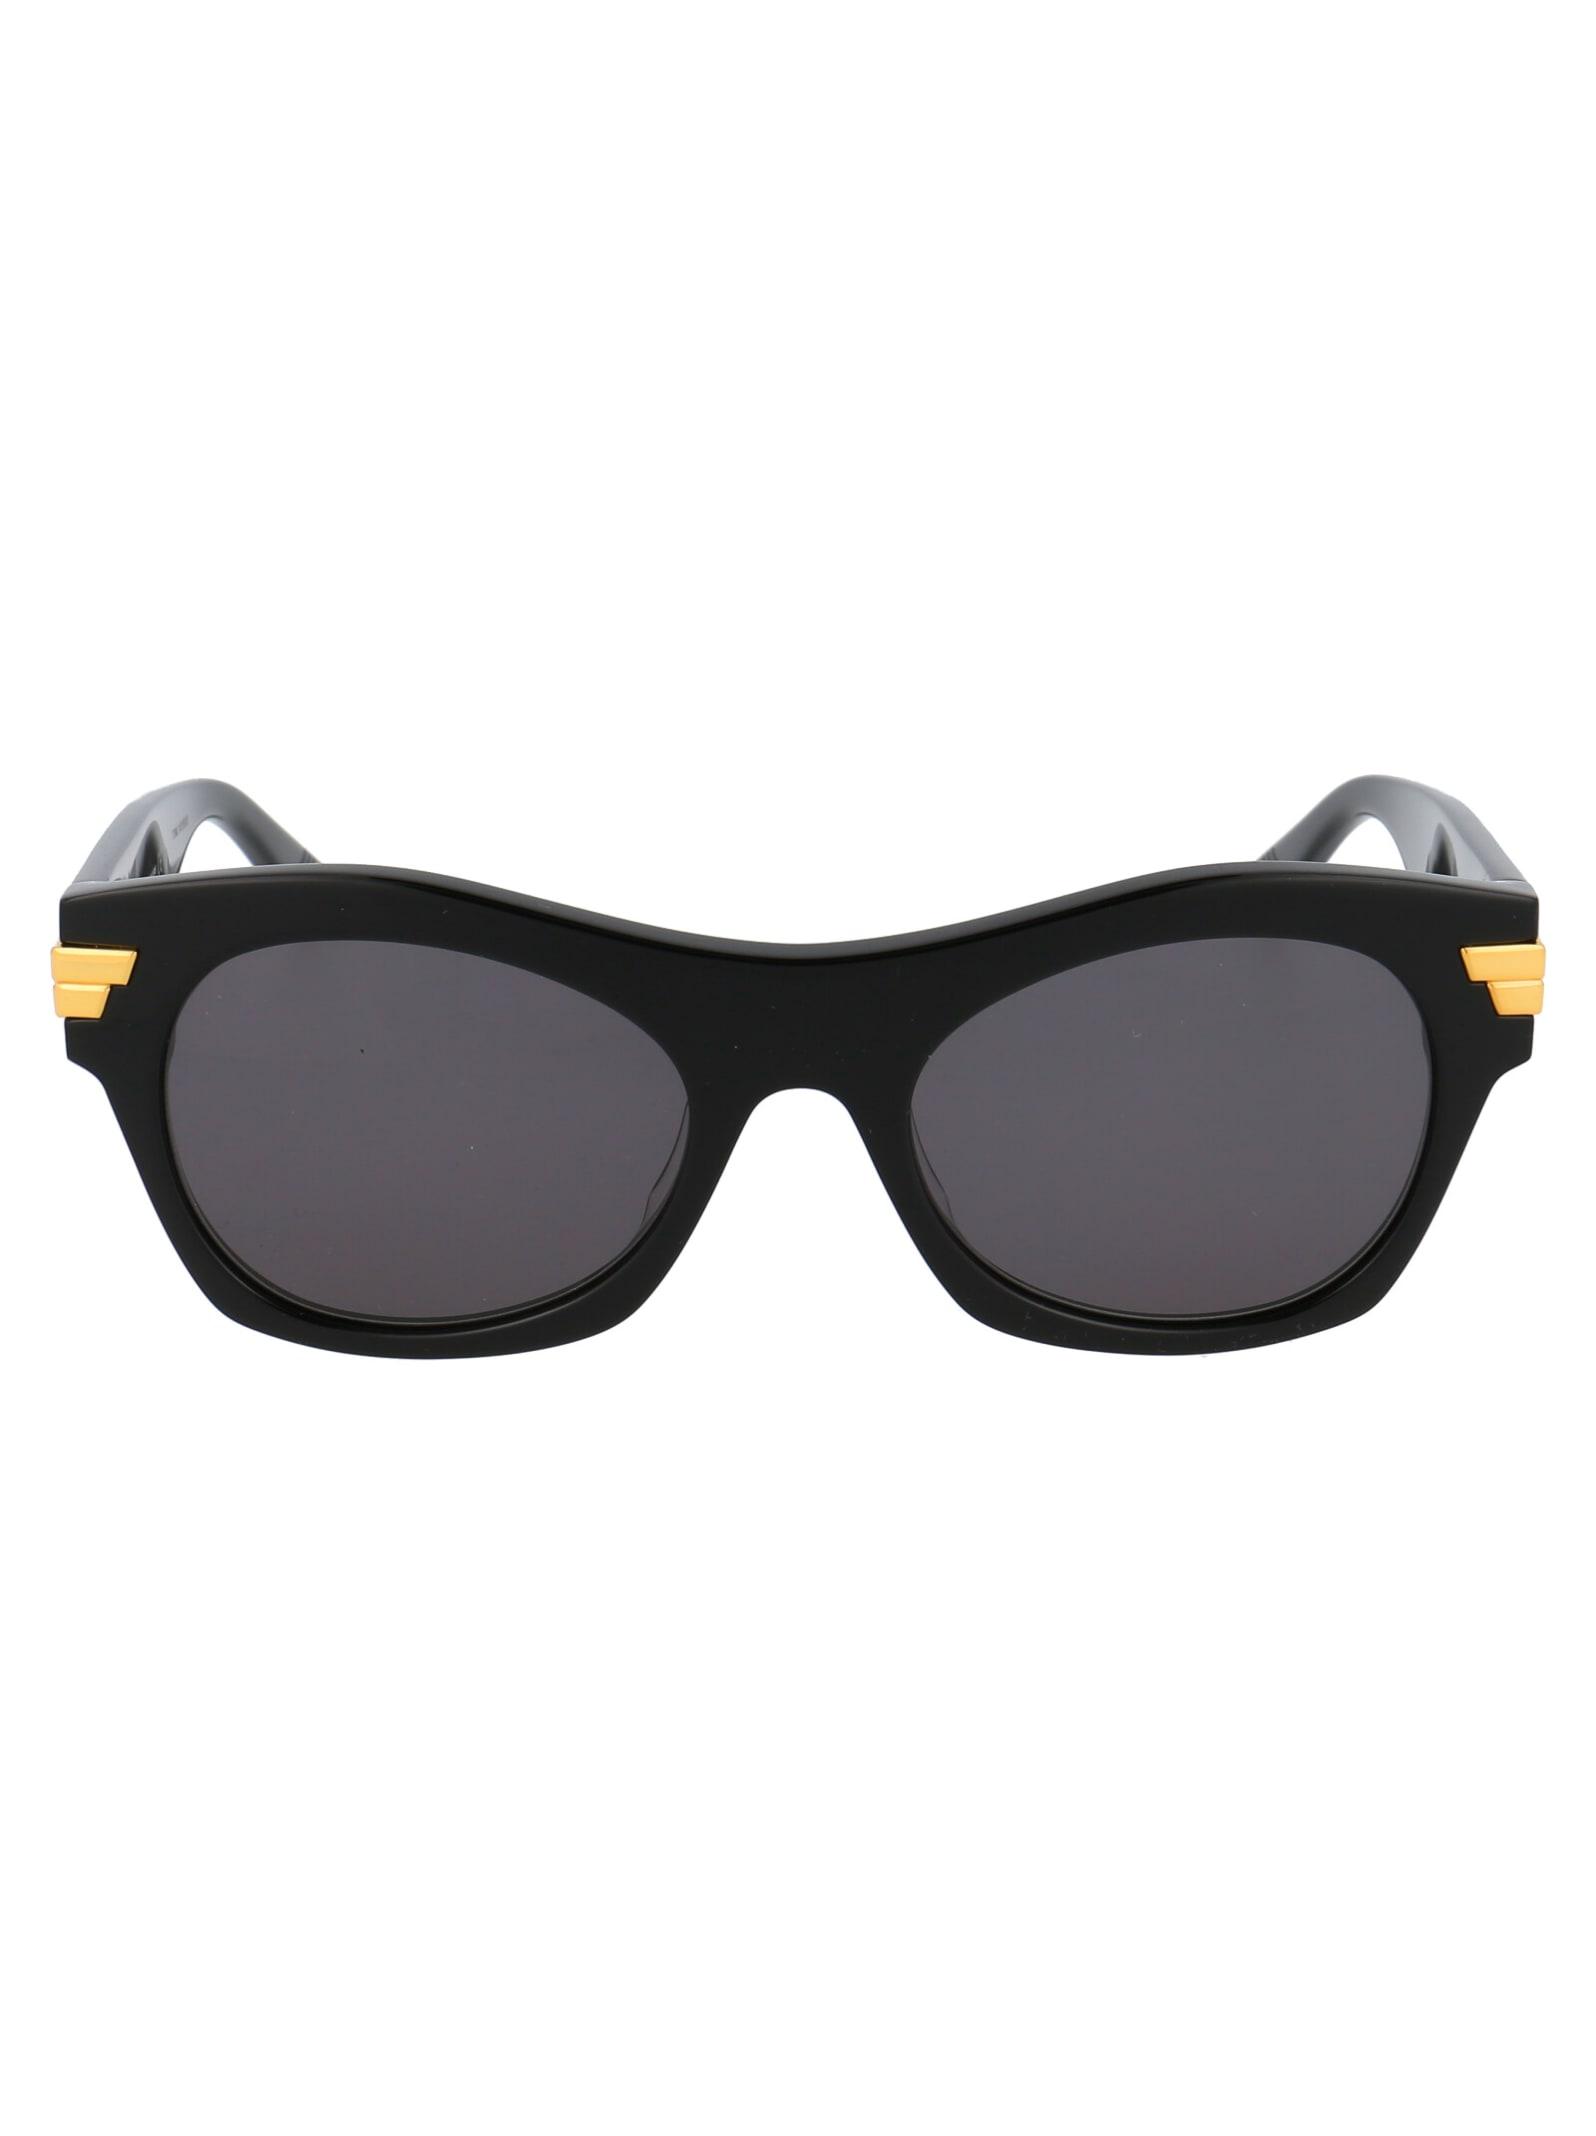 Bv1103s Sunglasses